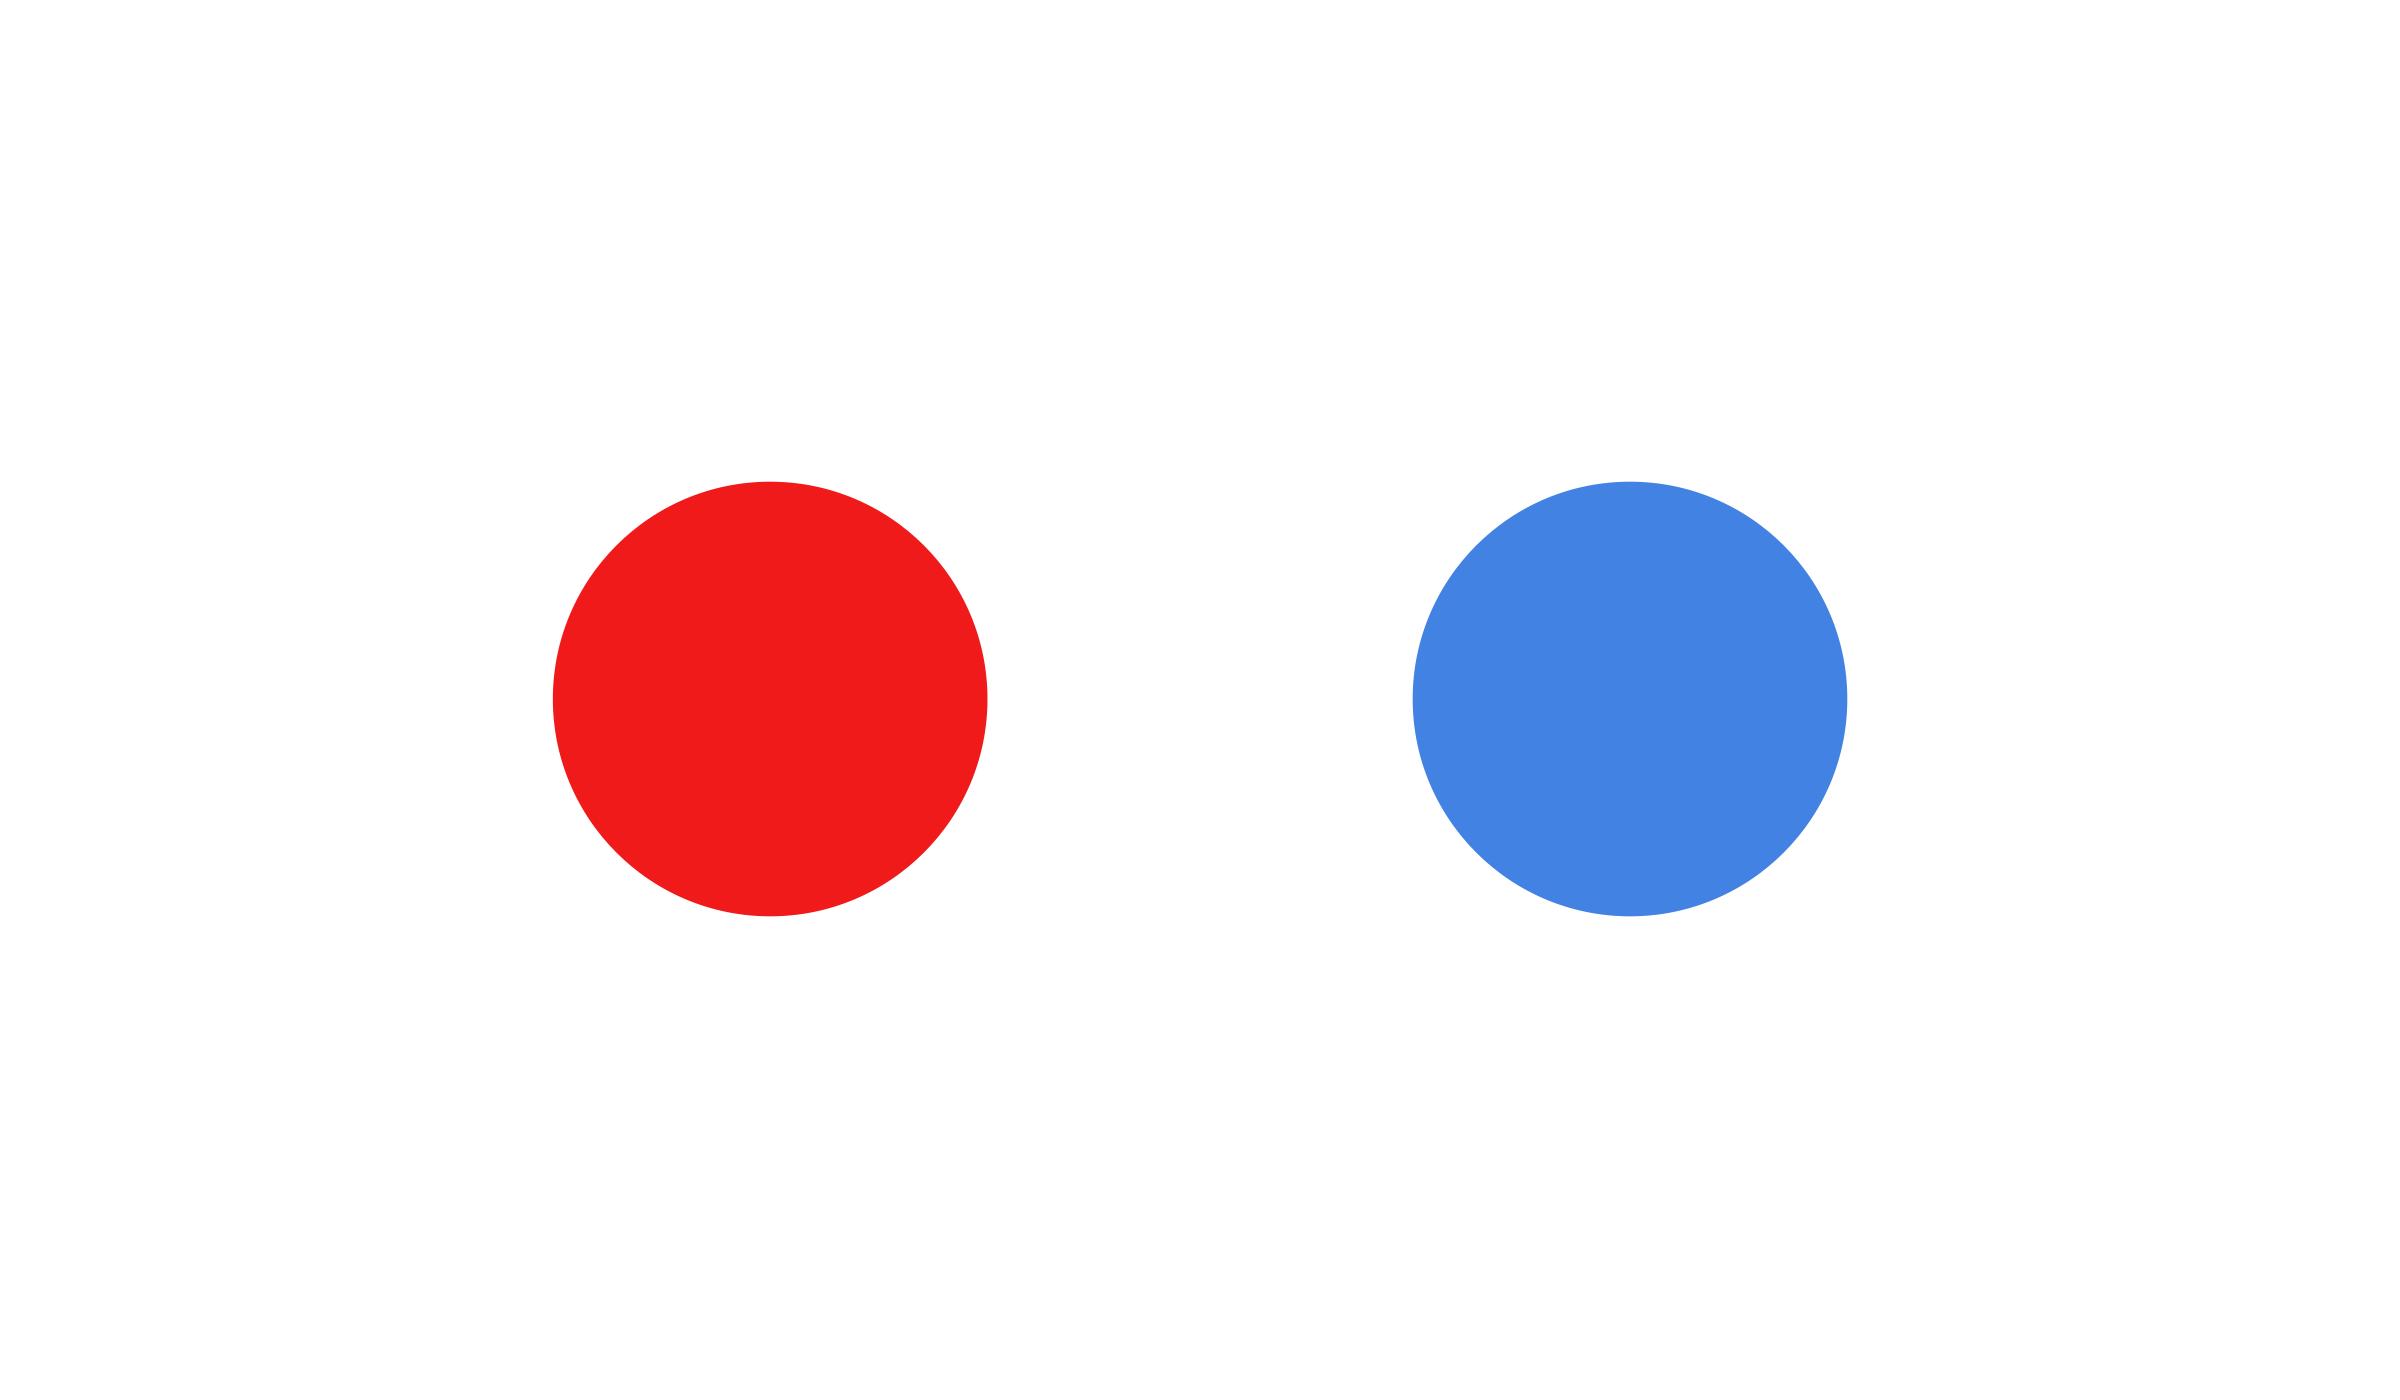 Zwei Kreise · Rot und Blau · Weißer Hintergrund